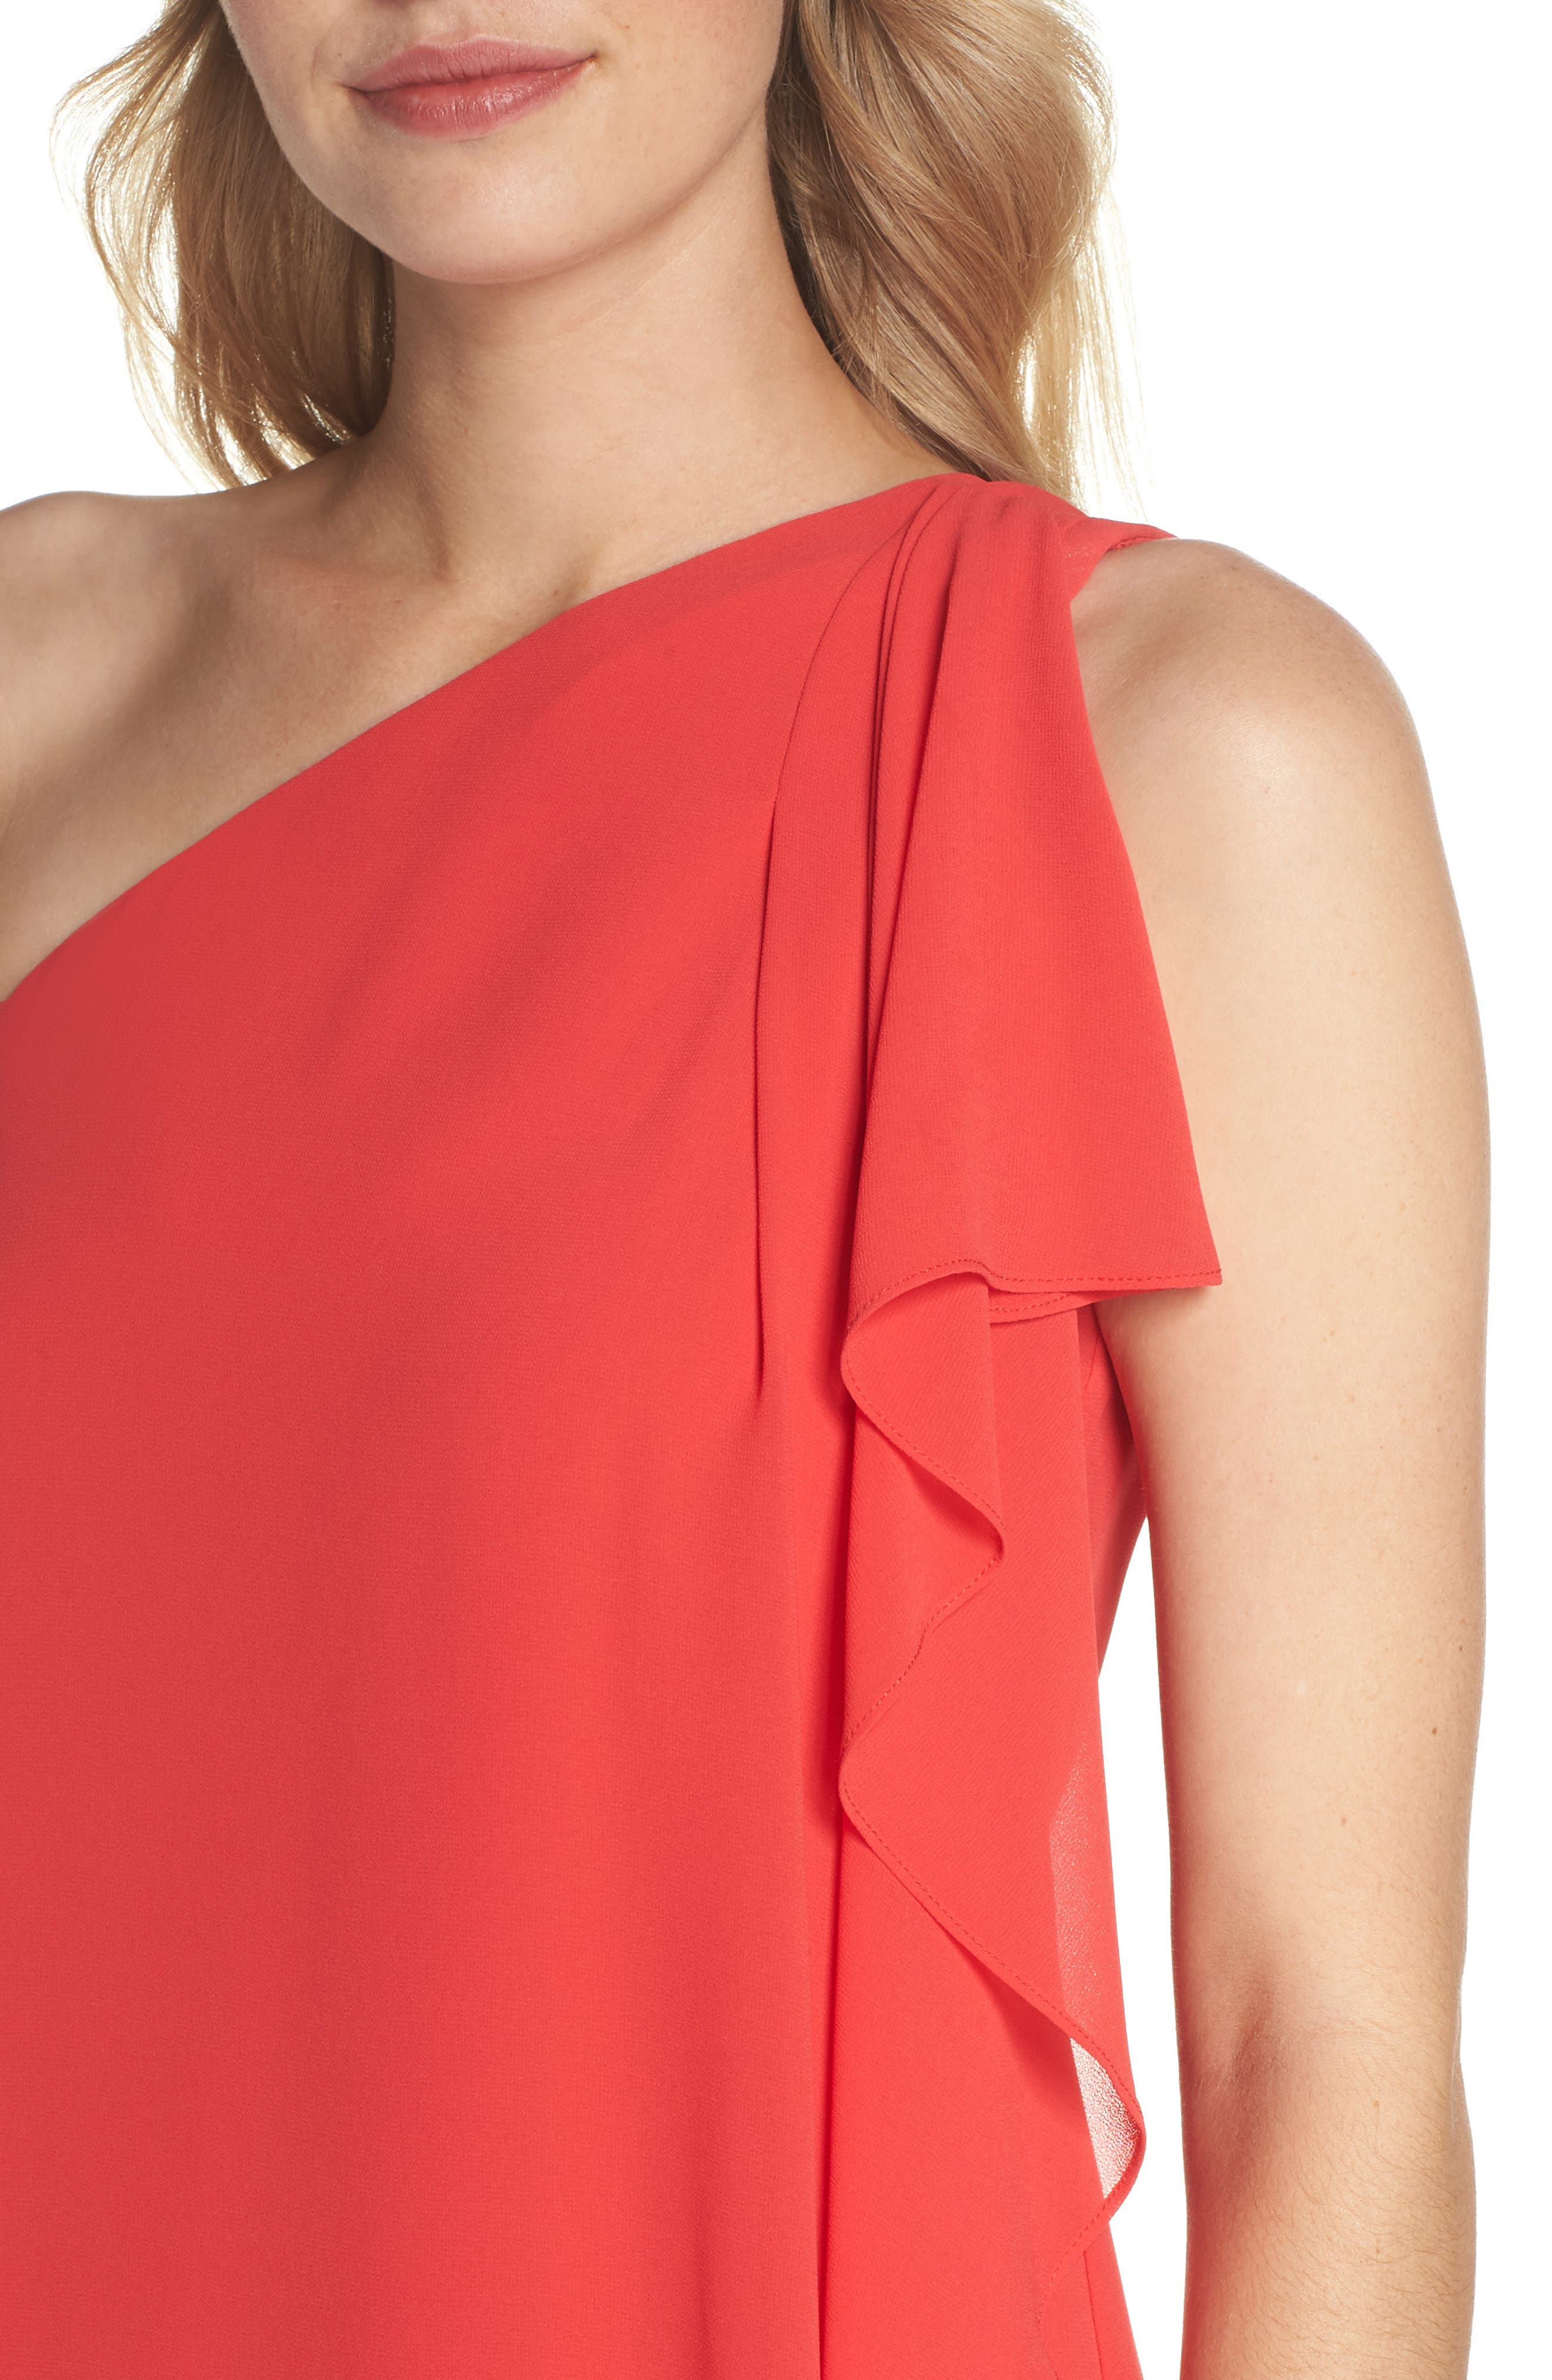 Soufflé One-Shoulder Chiffon Shift Dress,                             Alternate thumbnail 4, color,                             652